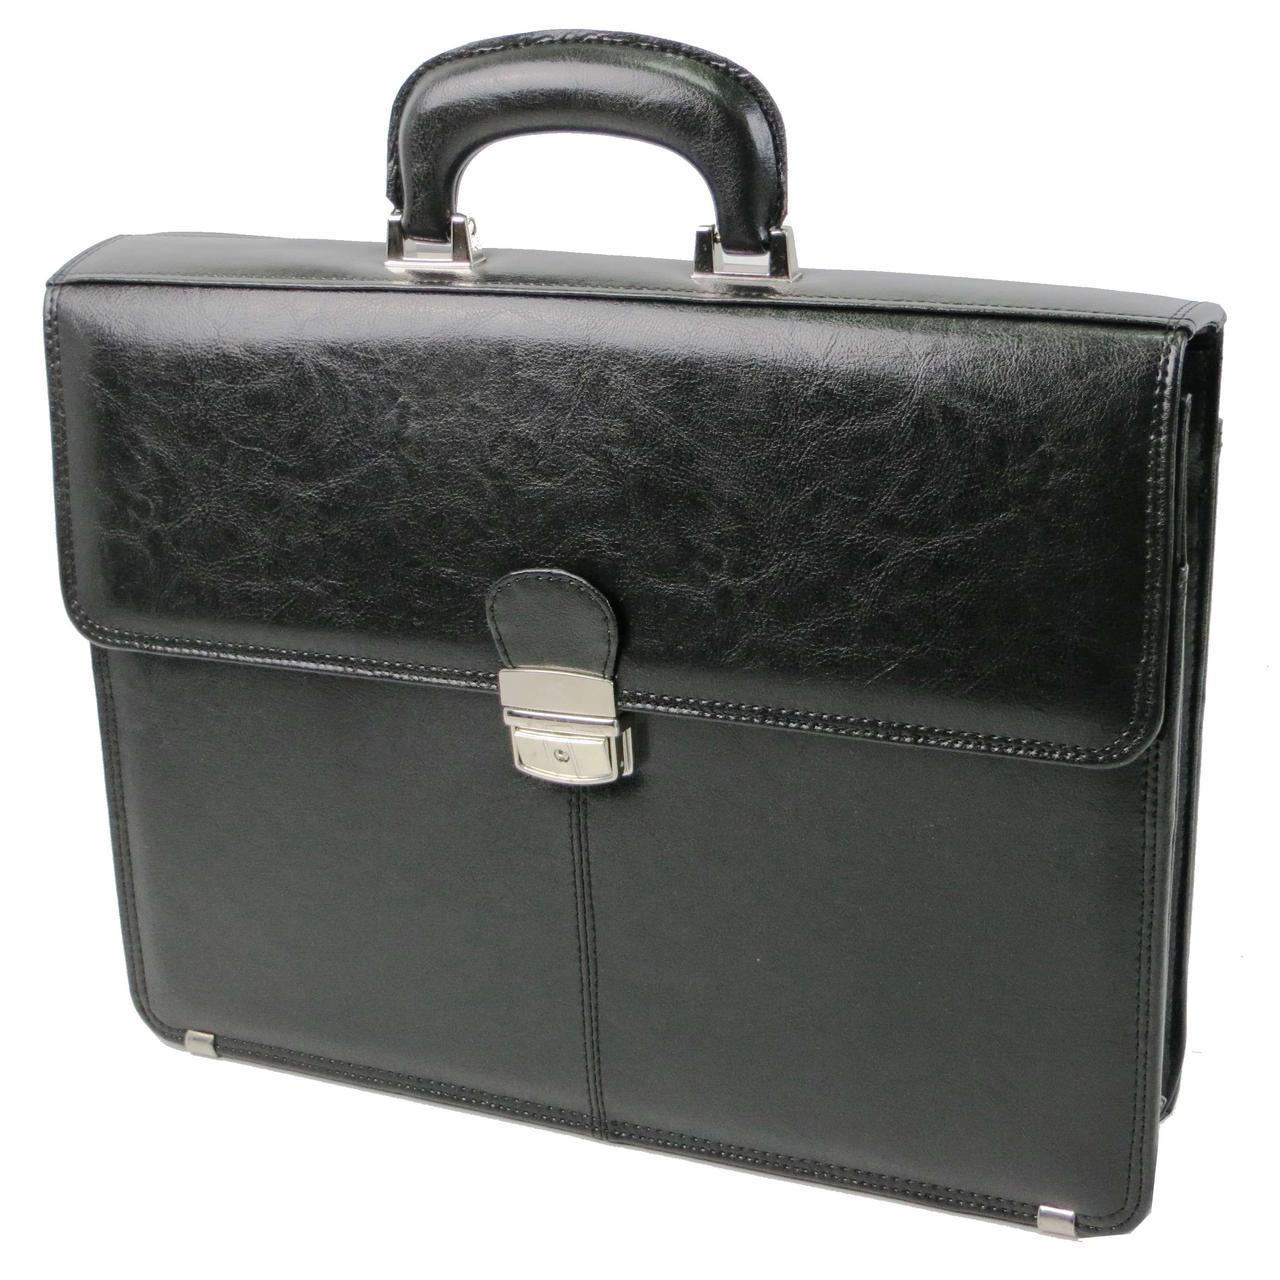 Чоловічий діловий портфель з еко шкіри JPB, TE-29 чорний